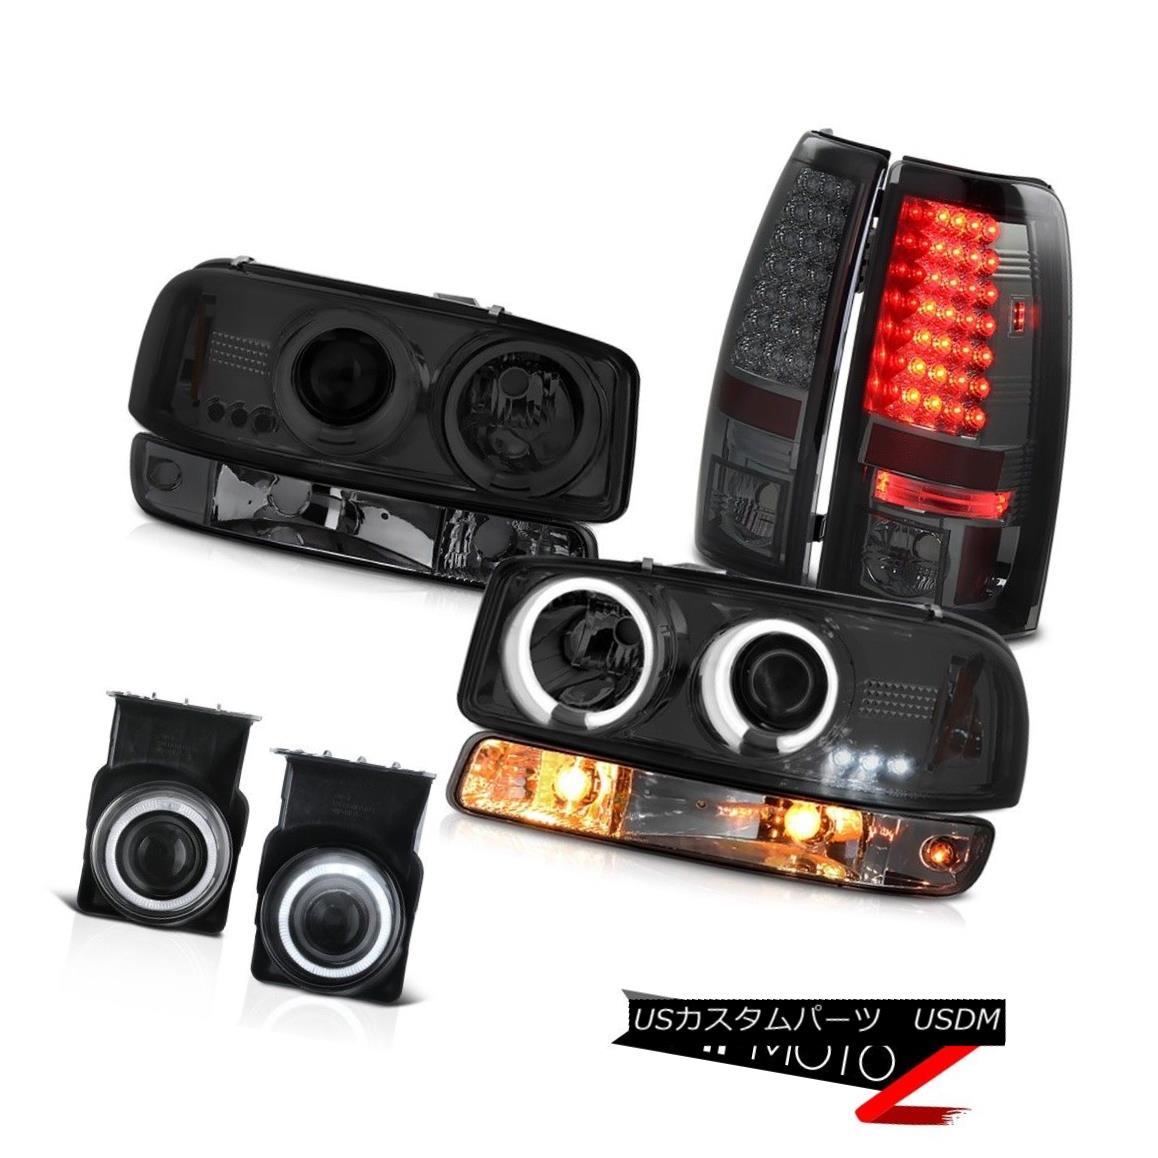 テールライト 03-06 Sierra 4.3L Fog lights smokey tail turn signal ccfl projector Headlights 03-06シエラ4.3L霧ライトスモーテールターンシグナルccflプロジェクターヘッドライト